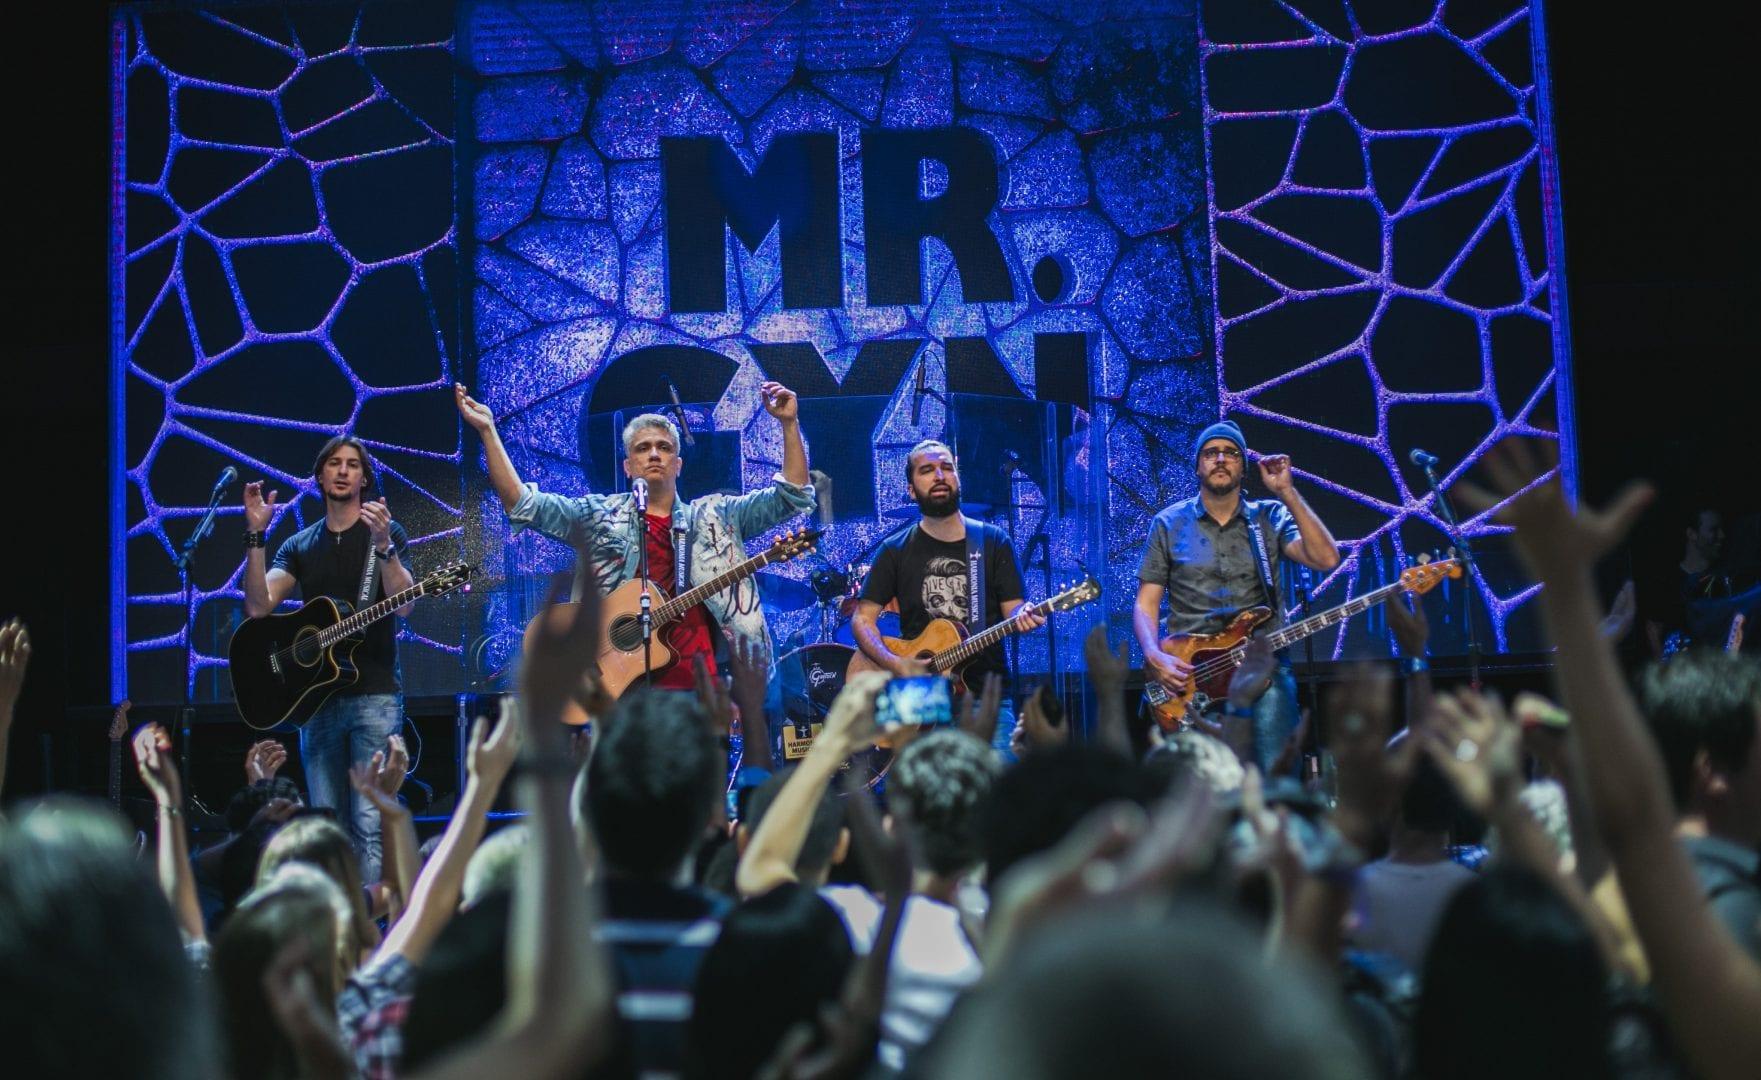 Réveillon Cerrado terá show com Mr.GYN